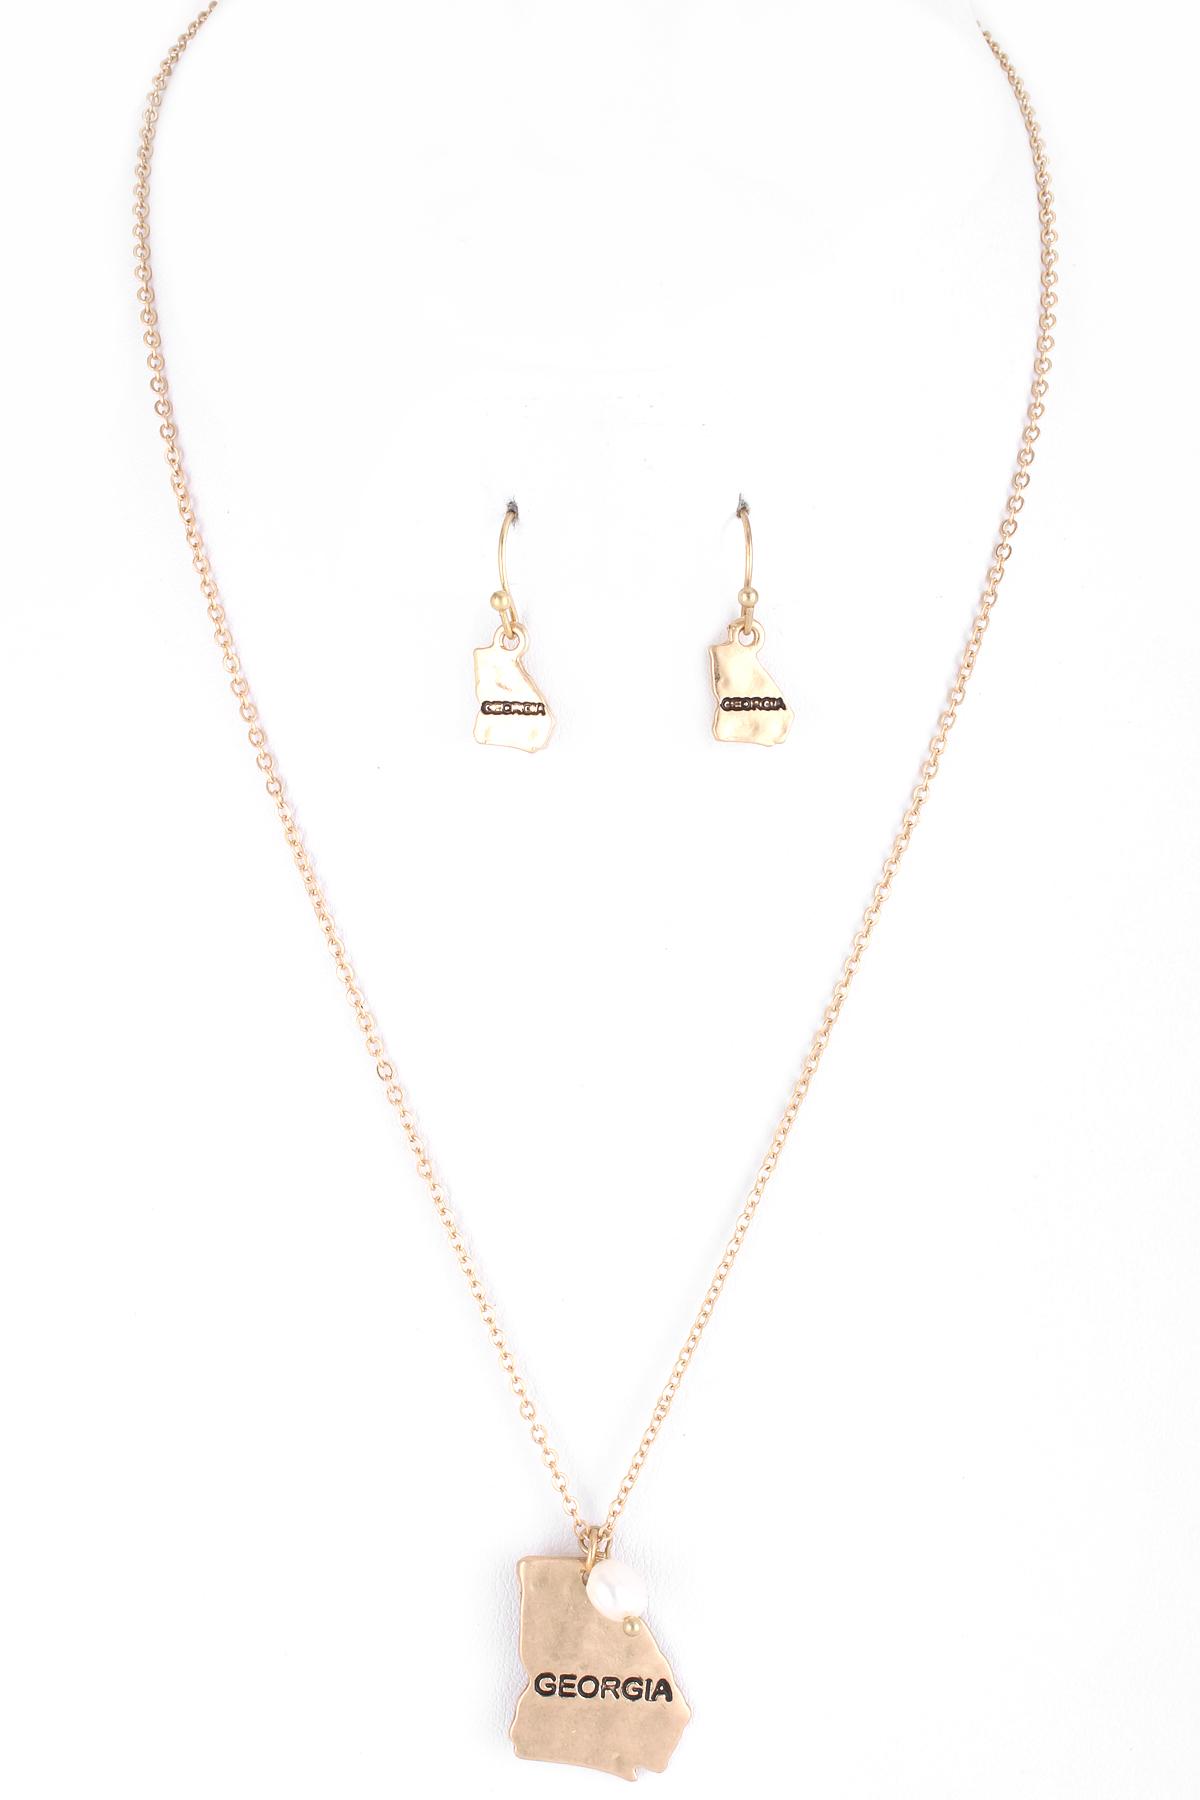 Engraved hammered state pendant necklace set necklaces engraved hammered state pendant necklace set aloadofball Images